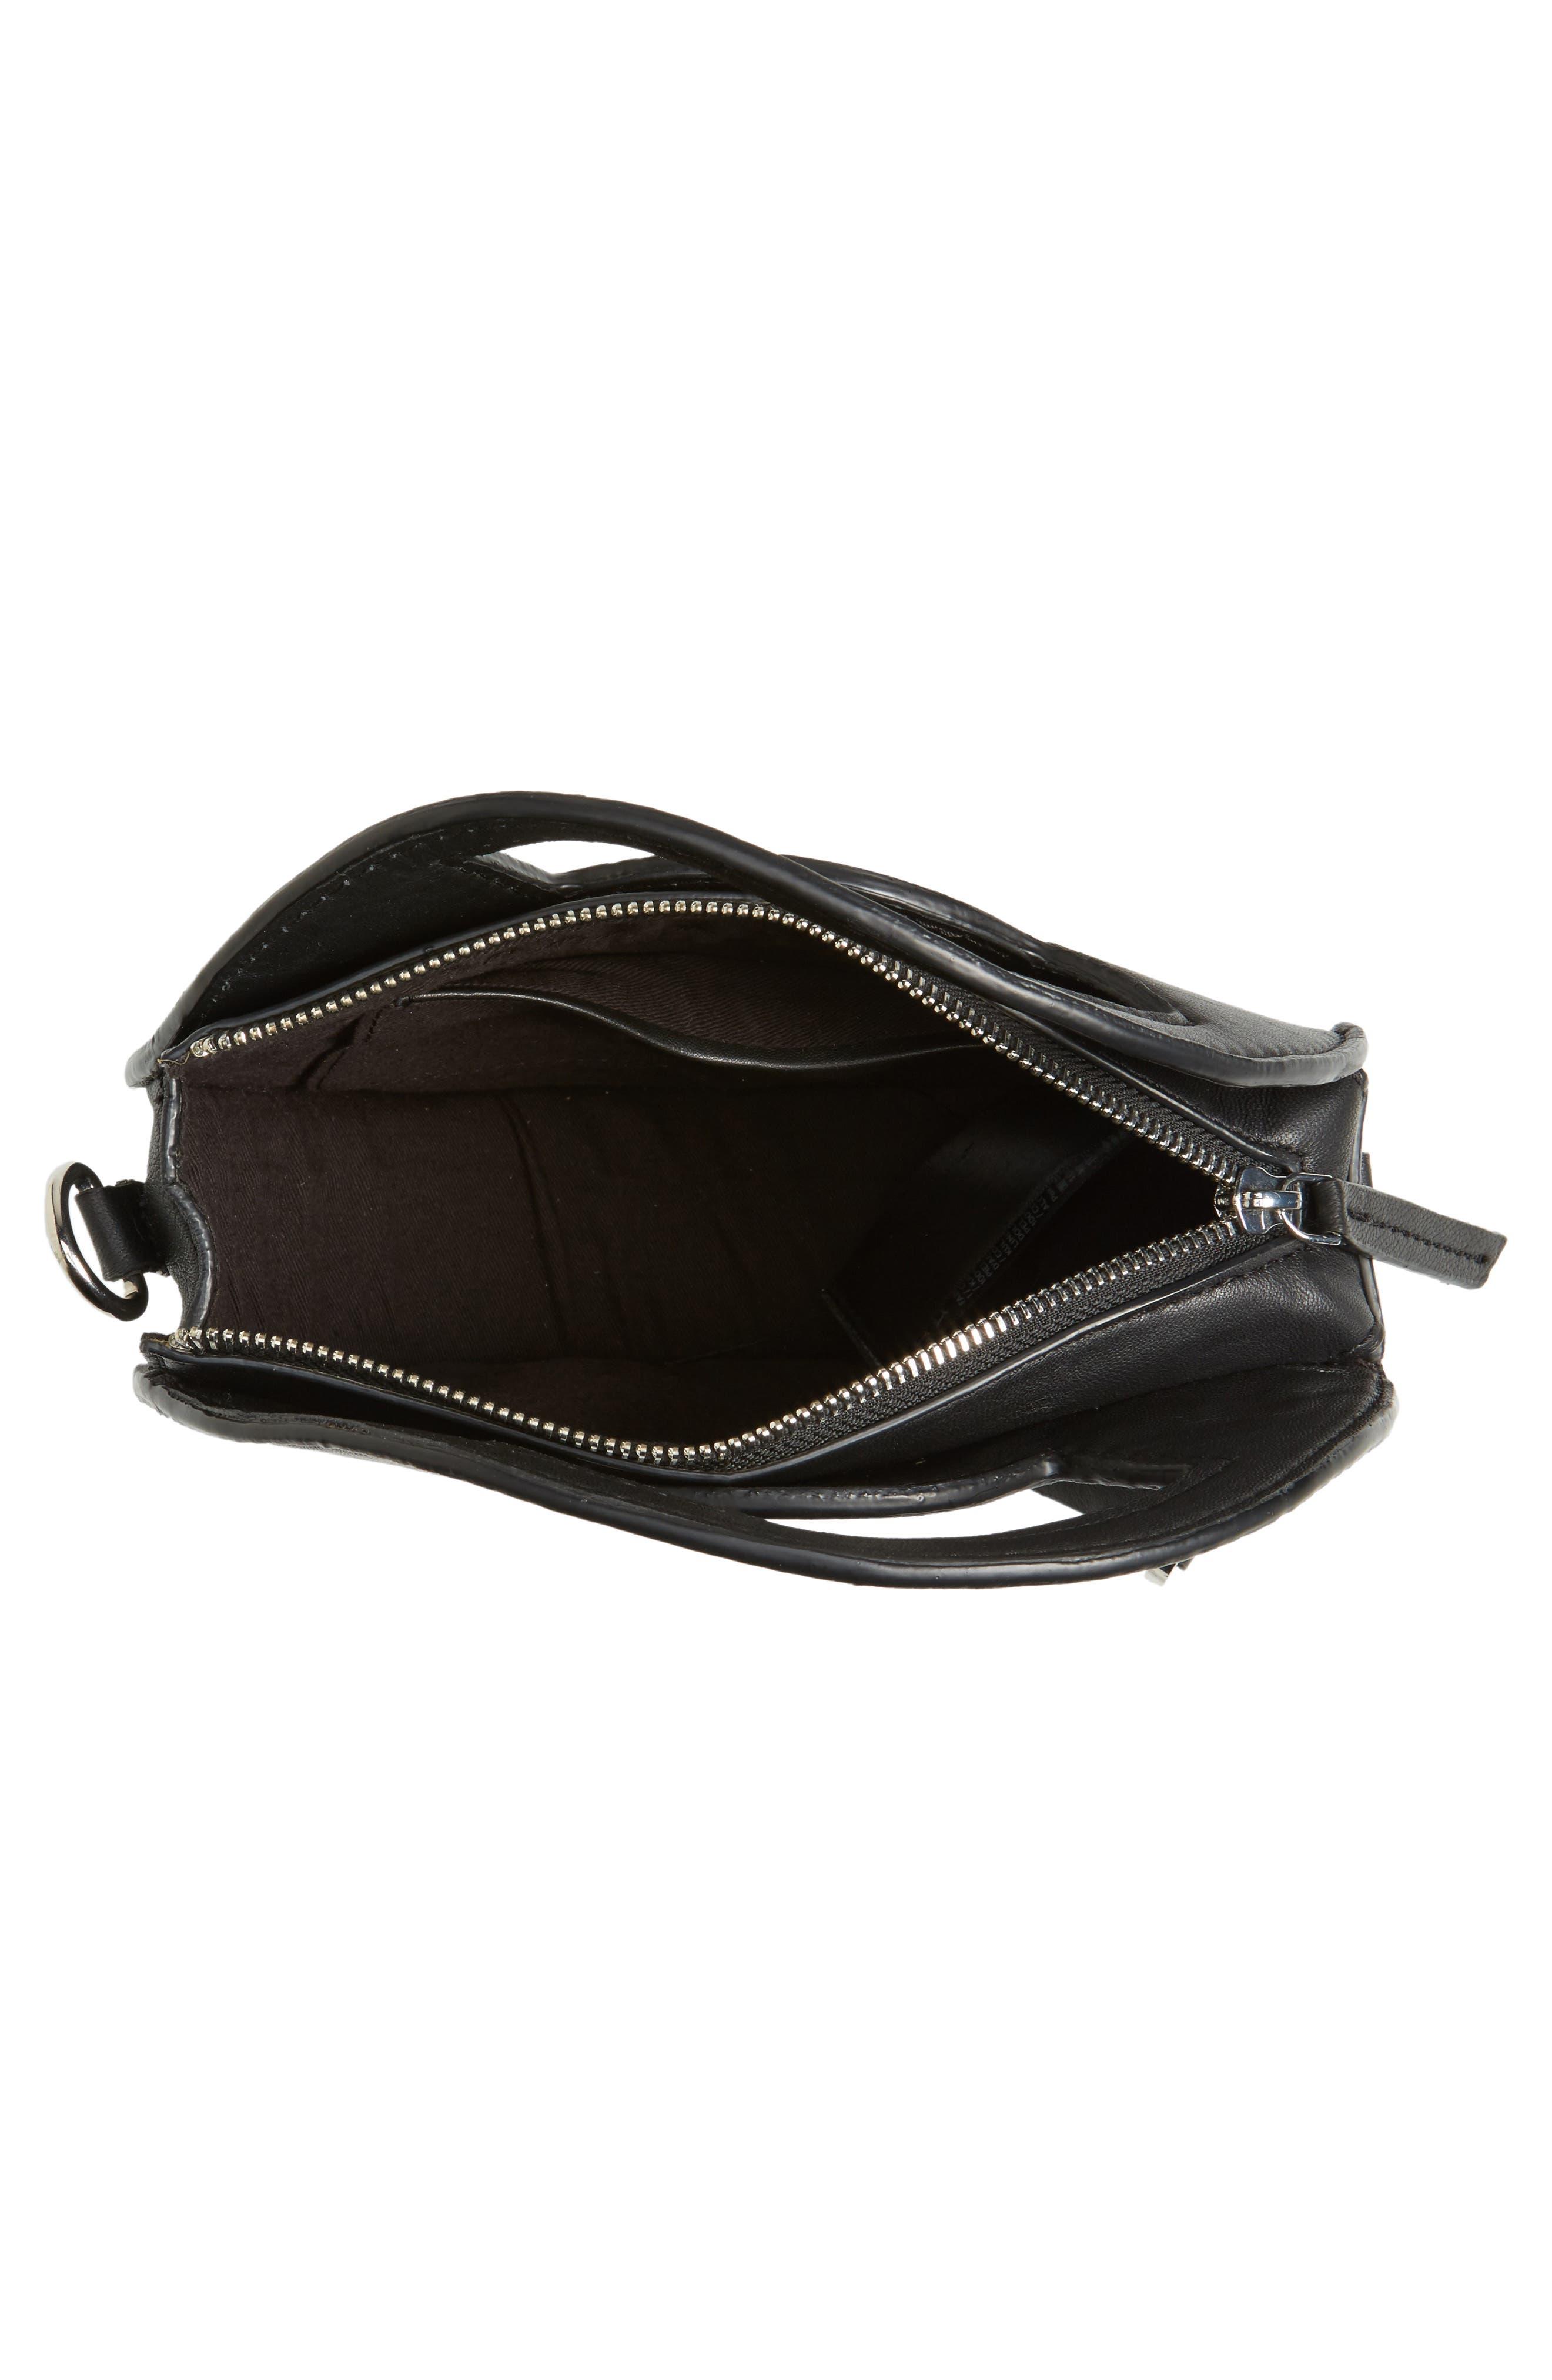 Premium Leather Mini Circle Crossbody Bag,                             Alternate thumbnail 5, color,                             Black